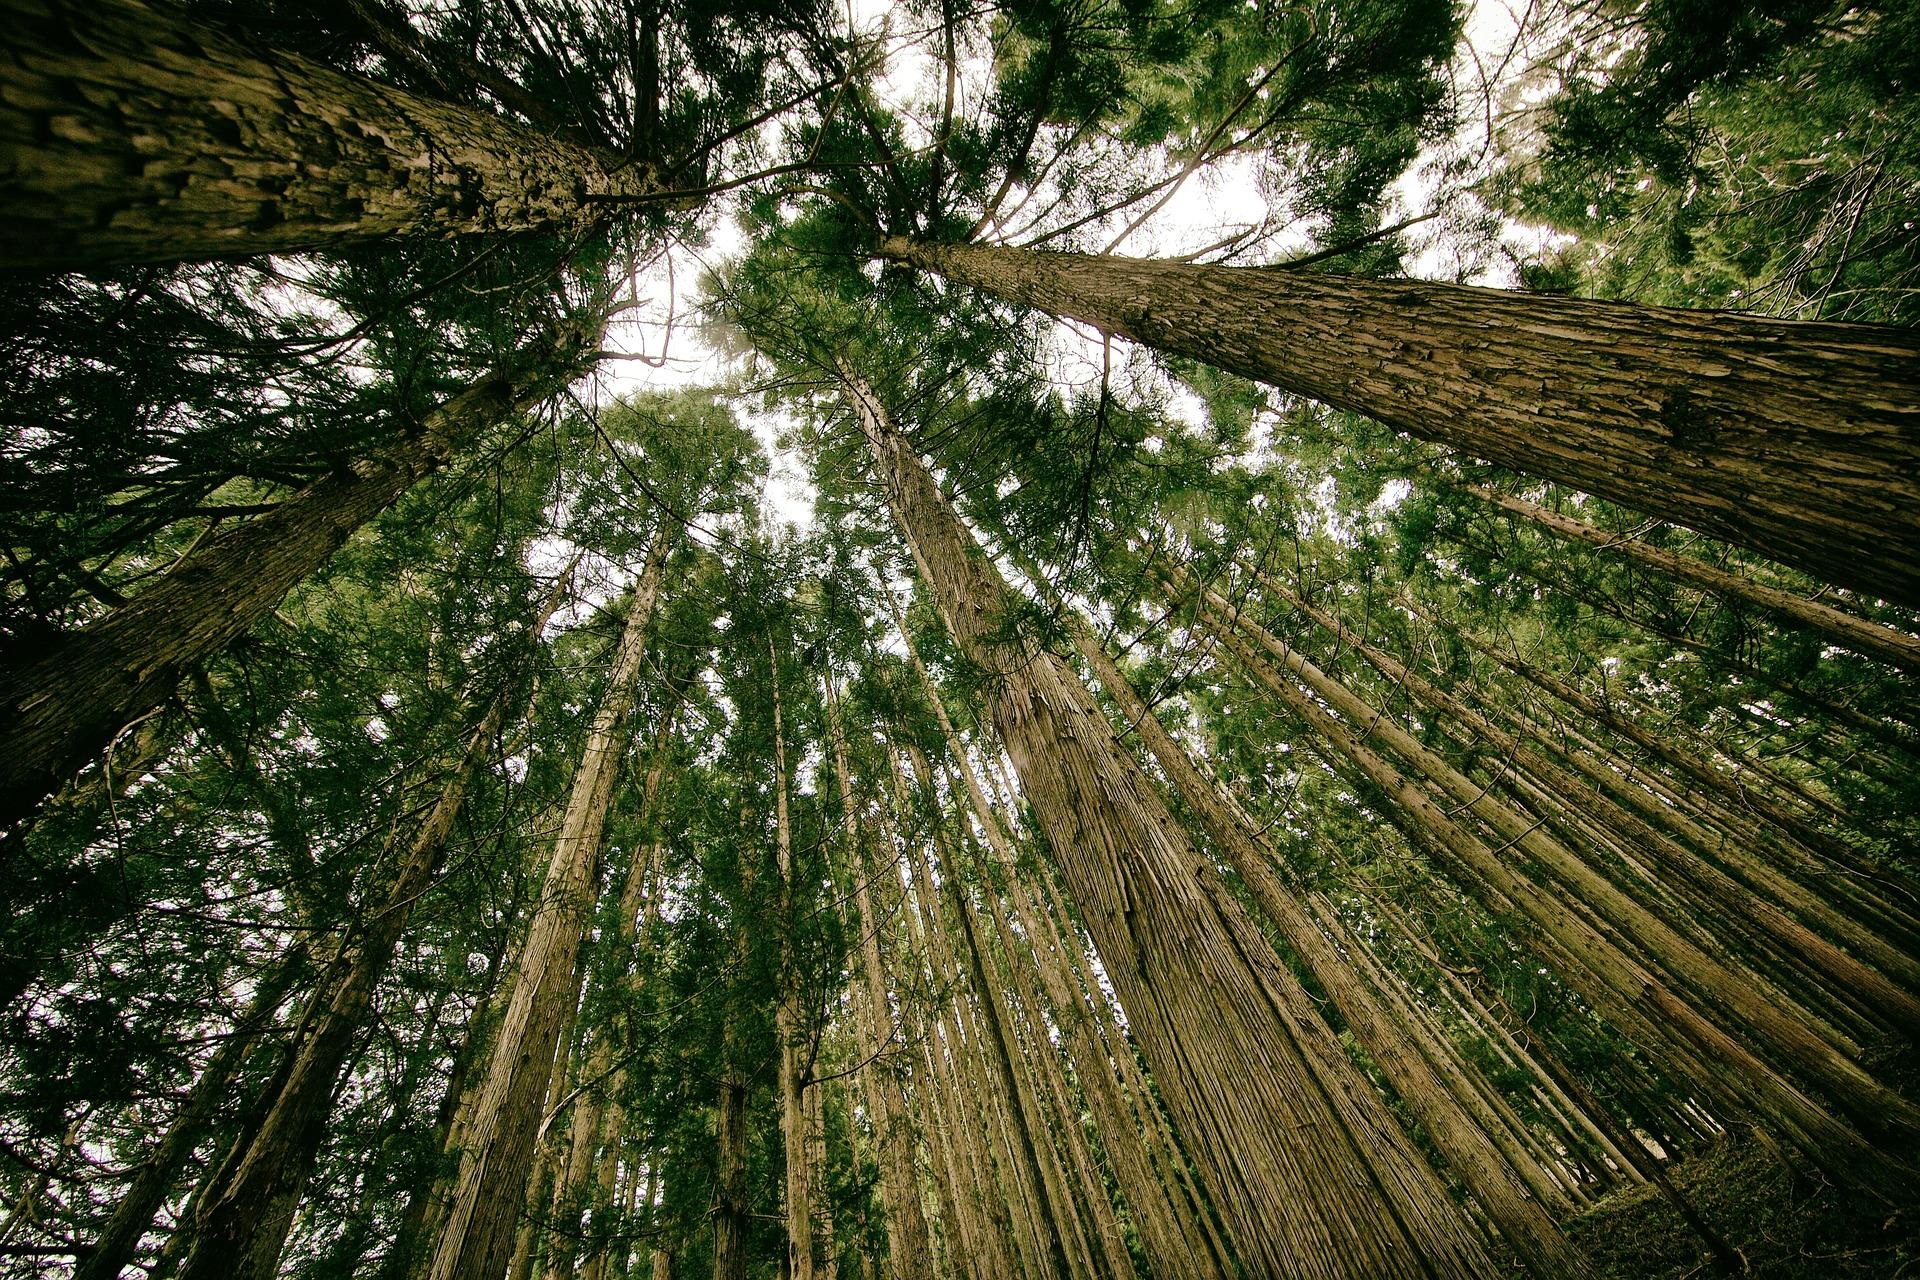 ¿Cómo pueden los bonos verdes ayudar a construir resiliencia después de COVID-19?